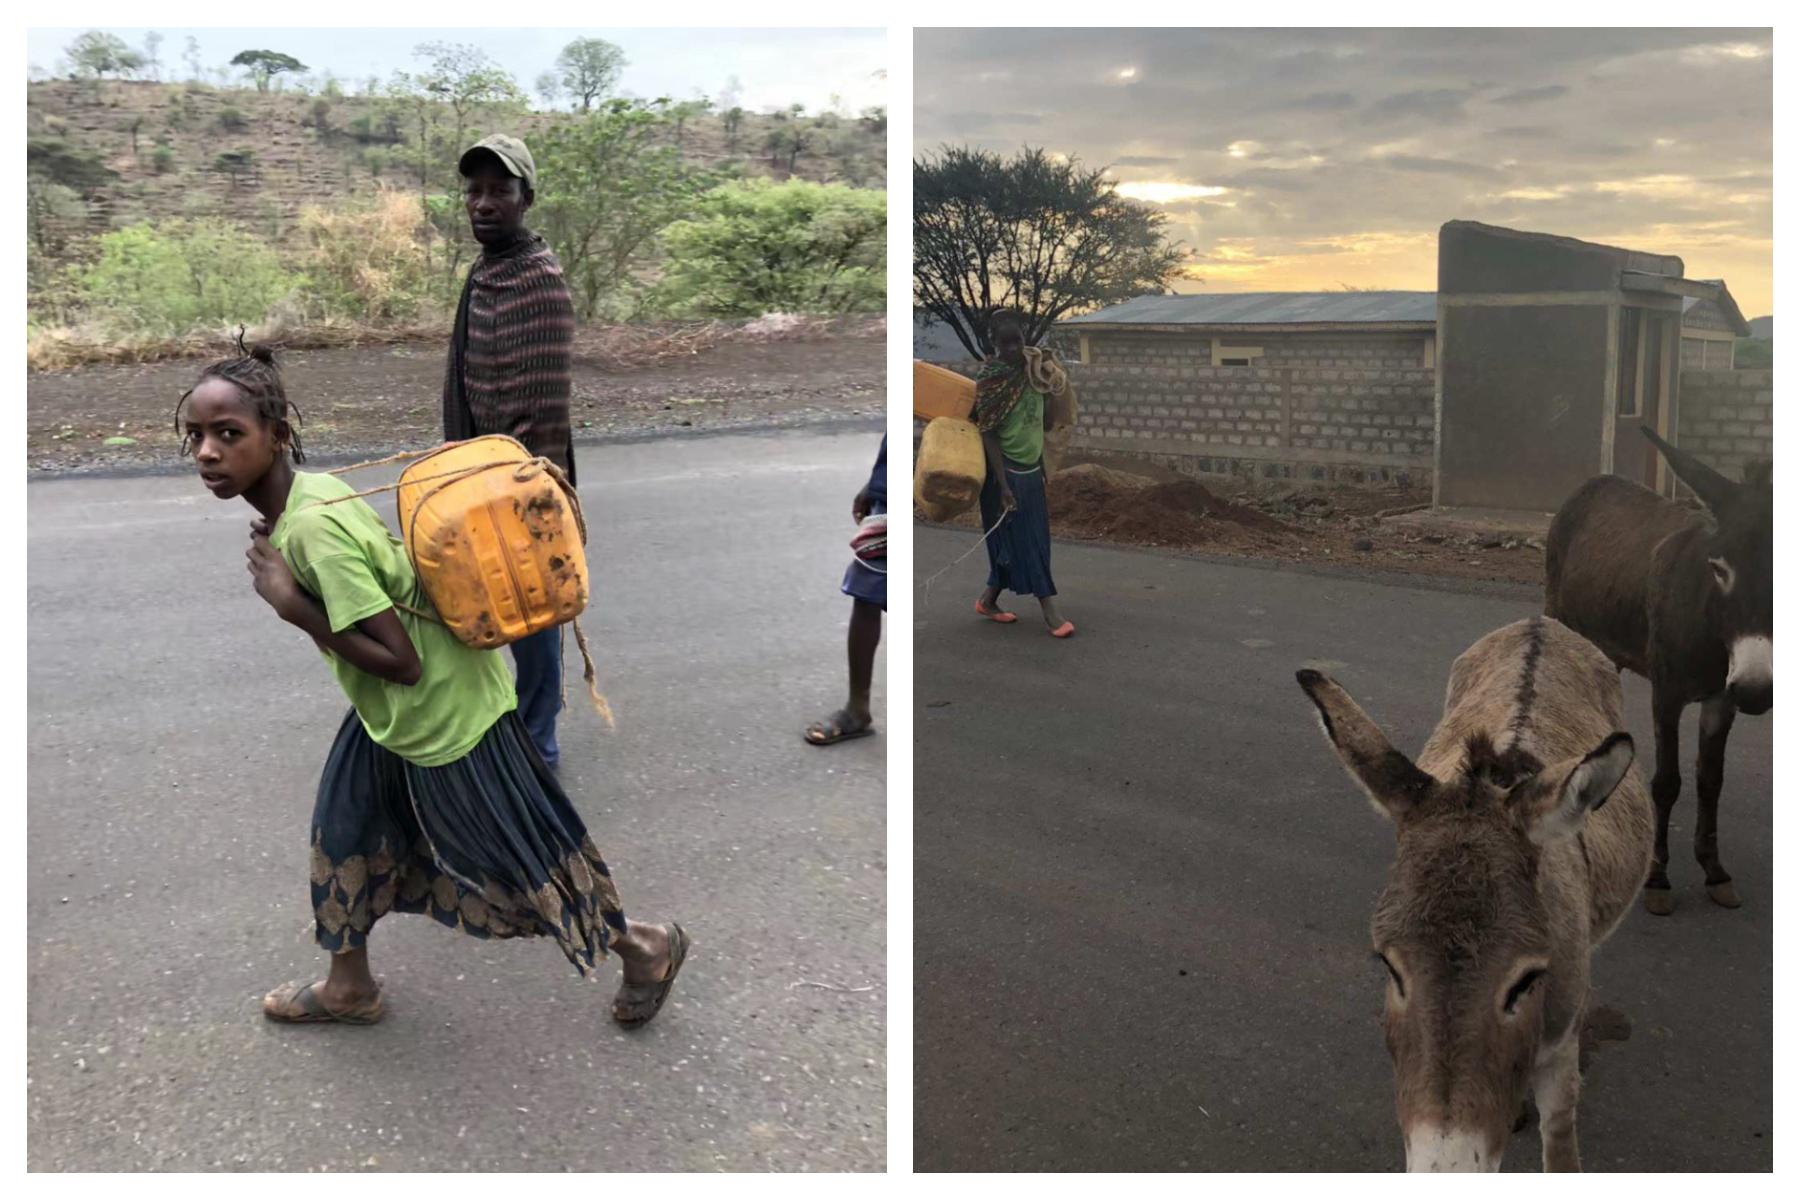 界立建談非洲經歷:中共摧毀非洲人純樸心態